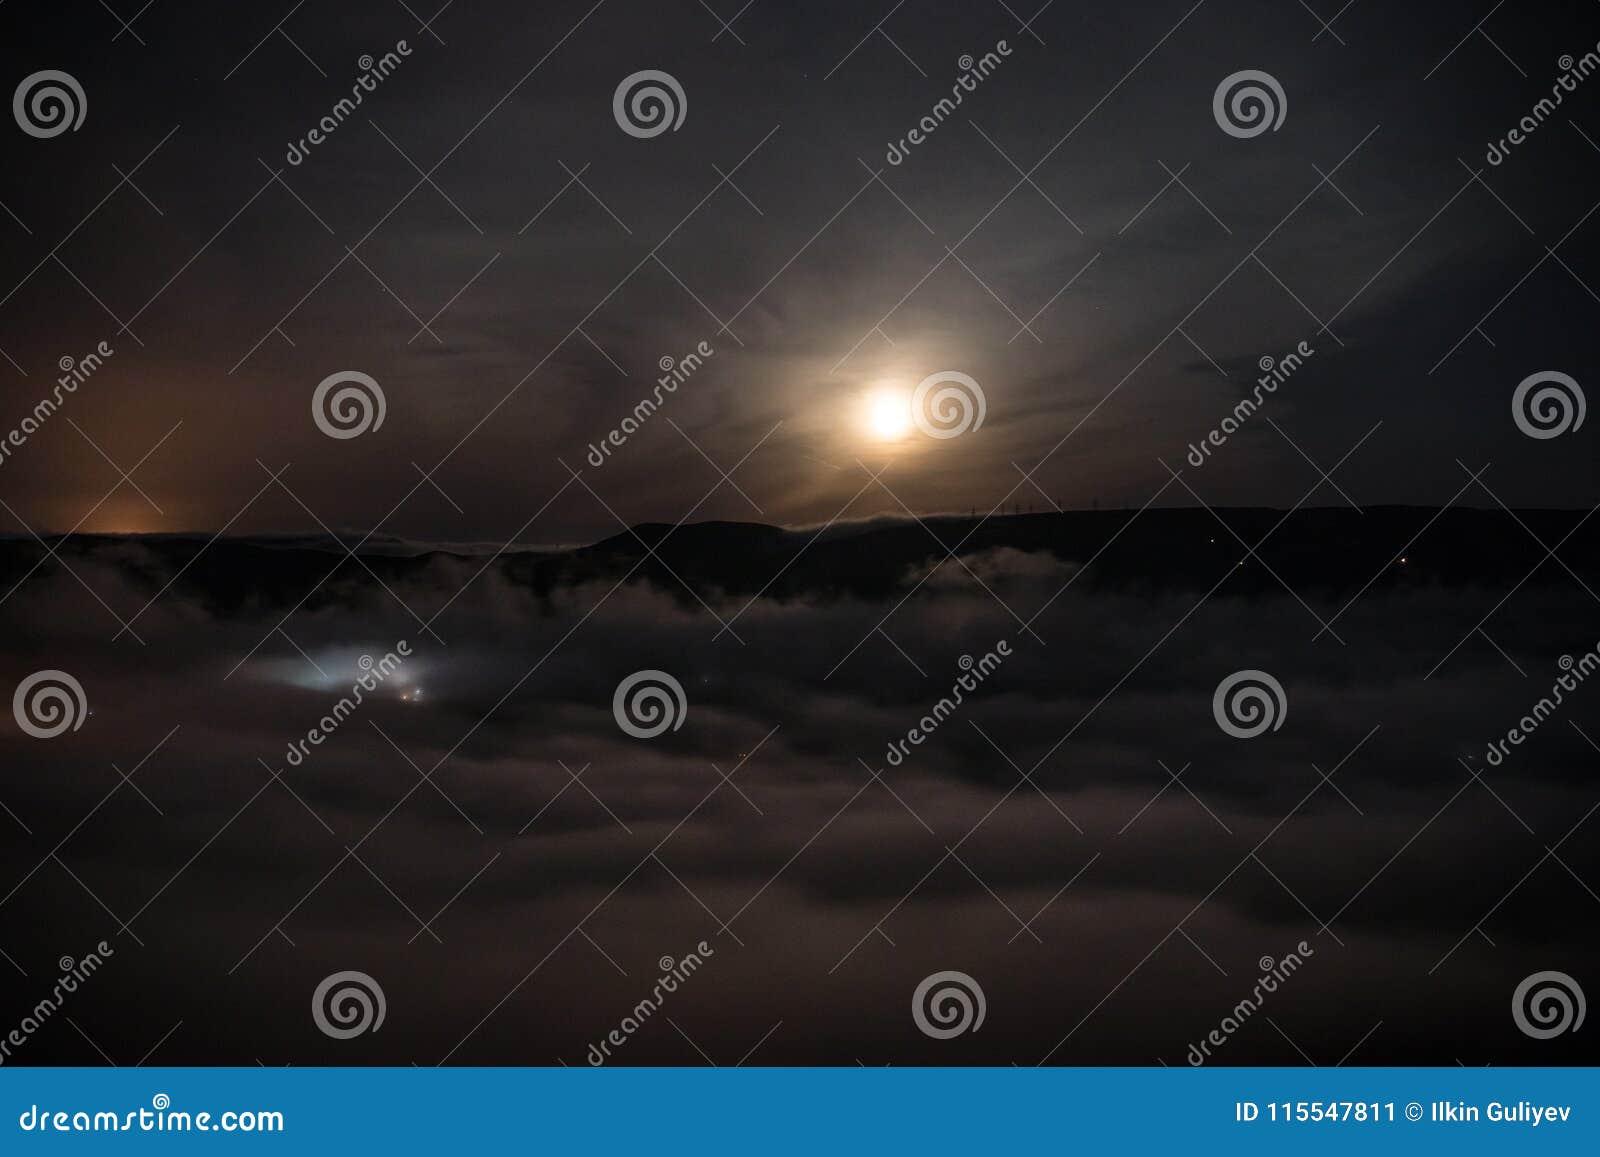 Luce Di Notte.Sorvolare Le Nuvole Di Notte Profonda Con La Luce Di Luna